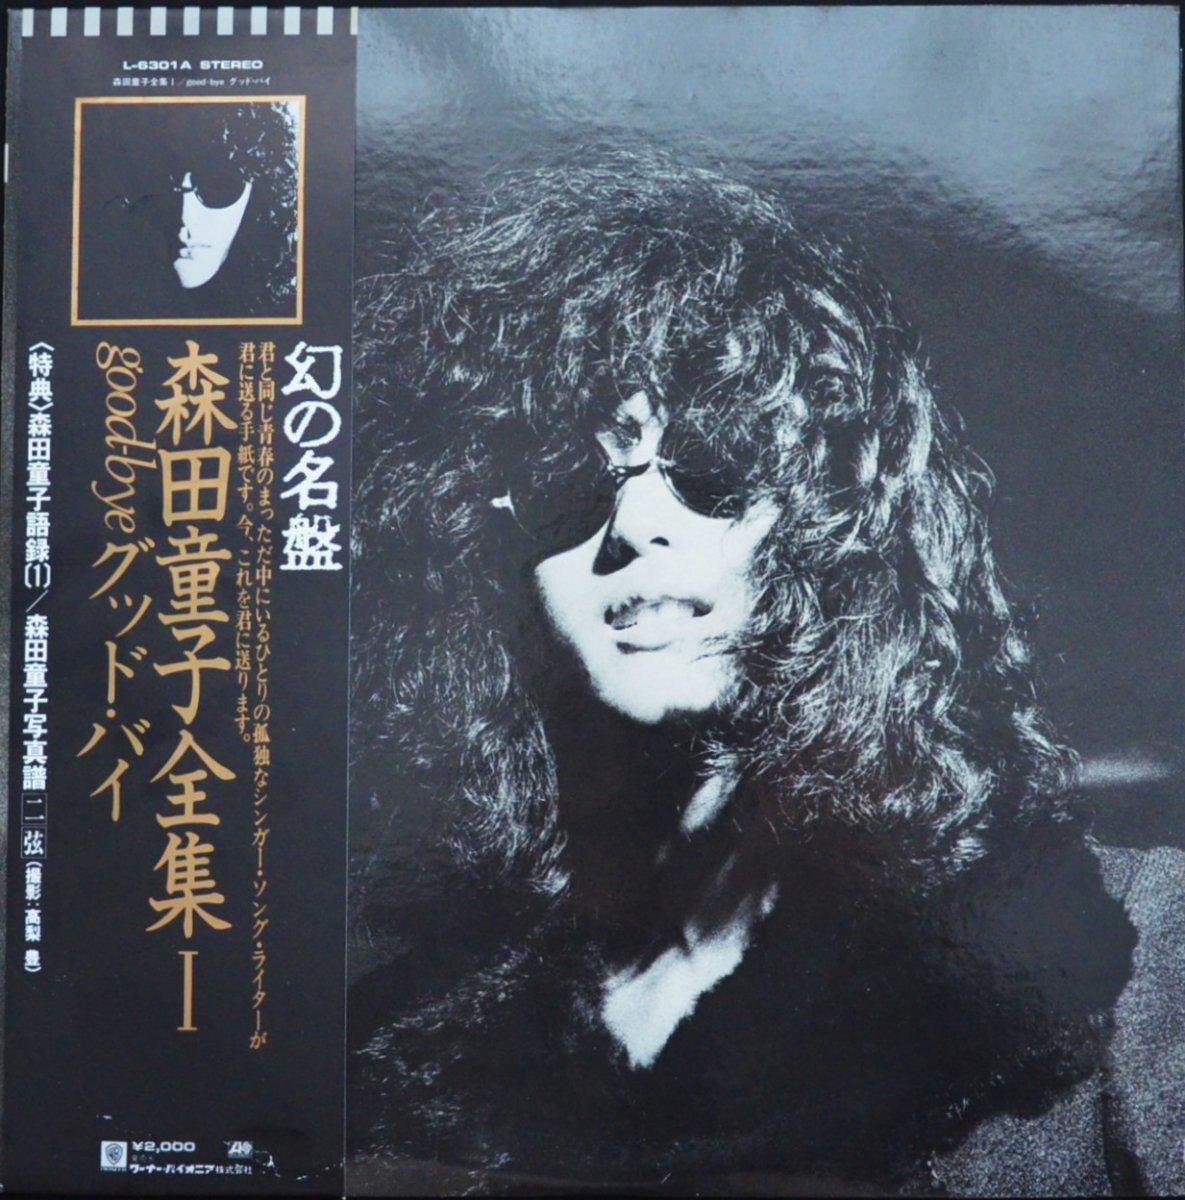 森田童子 / グッド・バイ GOOD-BYE 森田童子全集1 (LP)